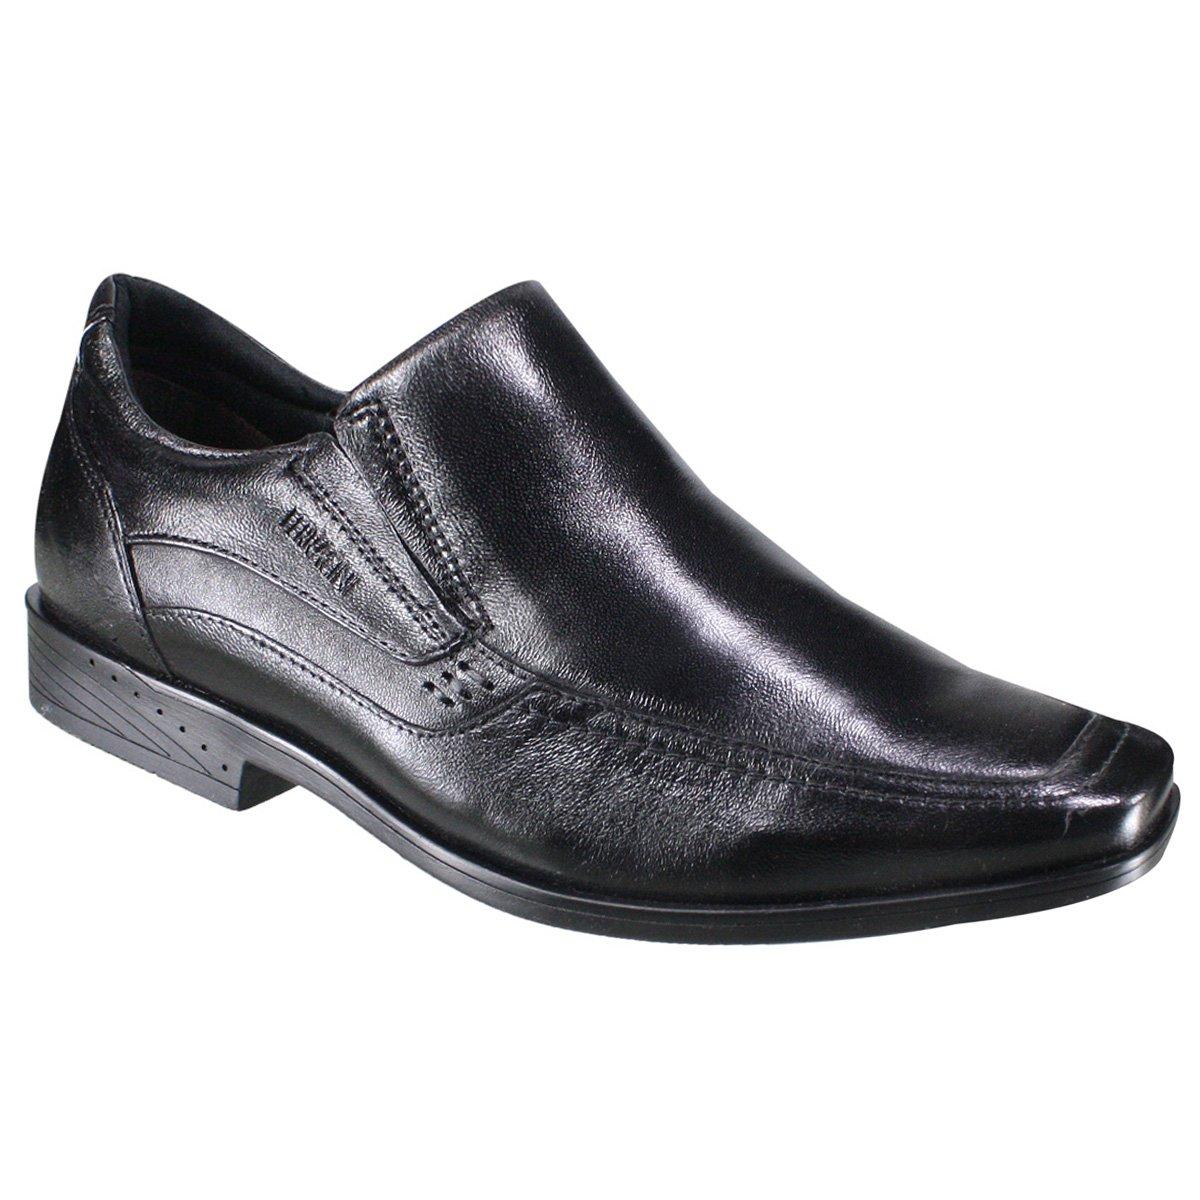 43152c0d84 Sapato Masculino Ferracini Duomo 3022-1500A - Preto (Mestico ...